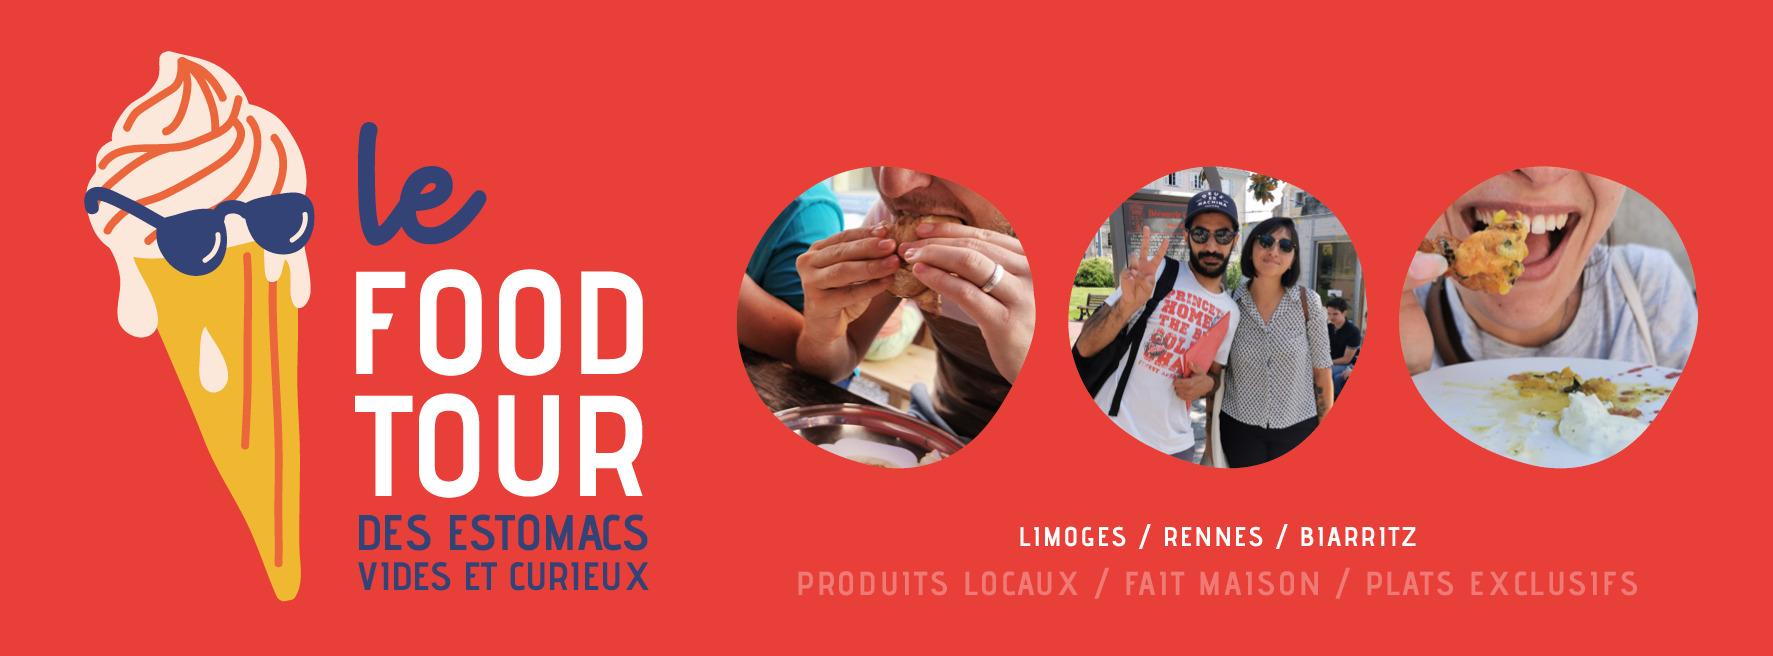 RENNES. LE FESTIN ITINÉRANT DU FOOD MOOD TOUR